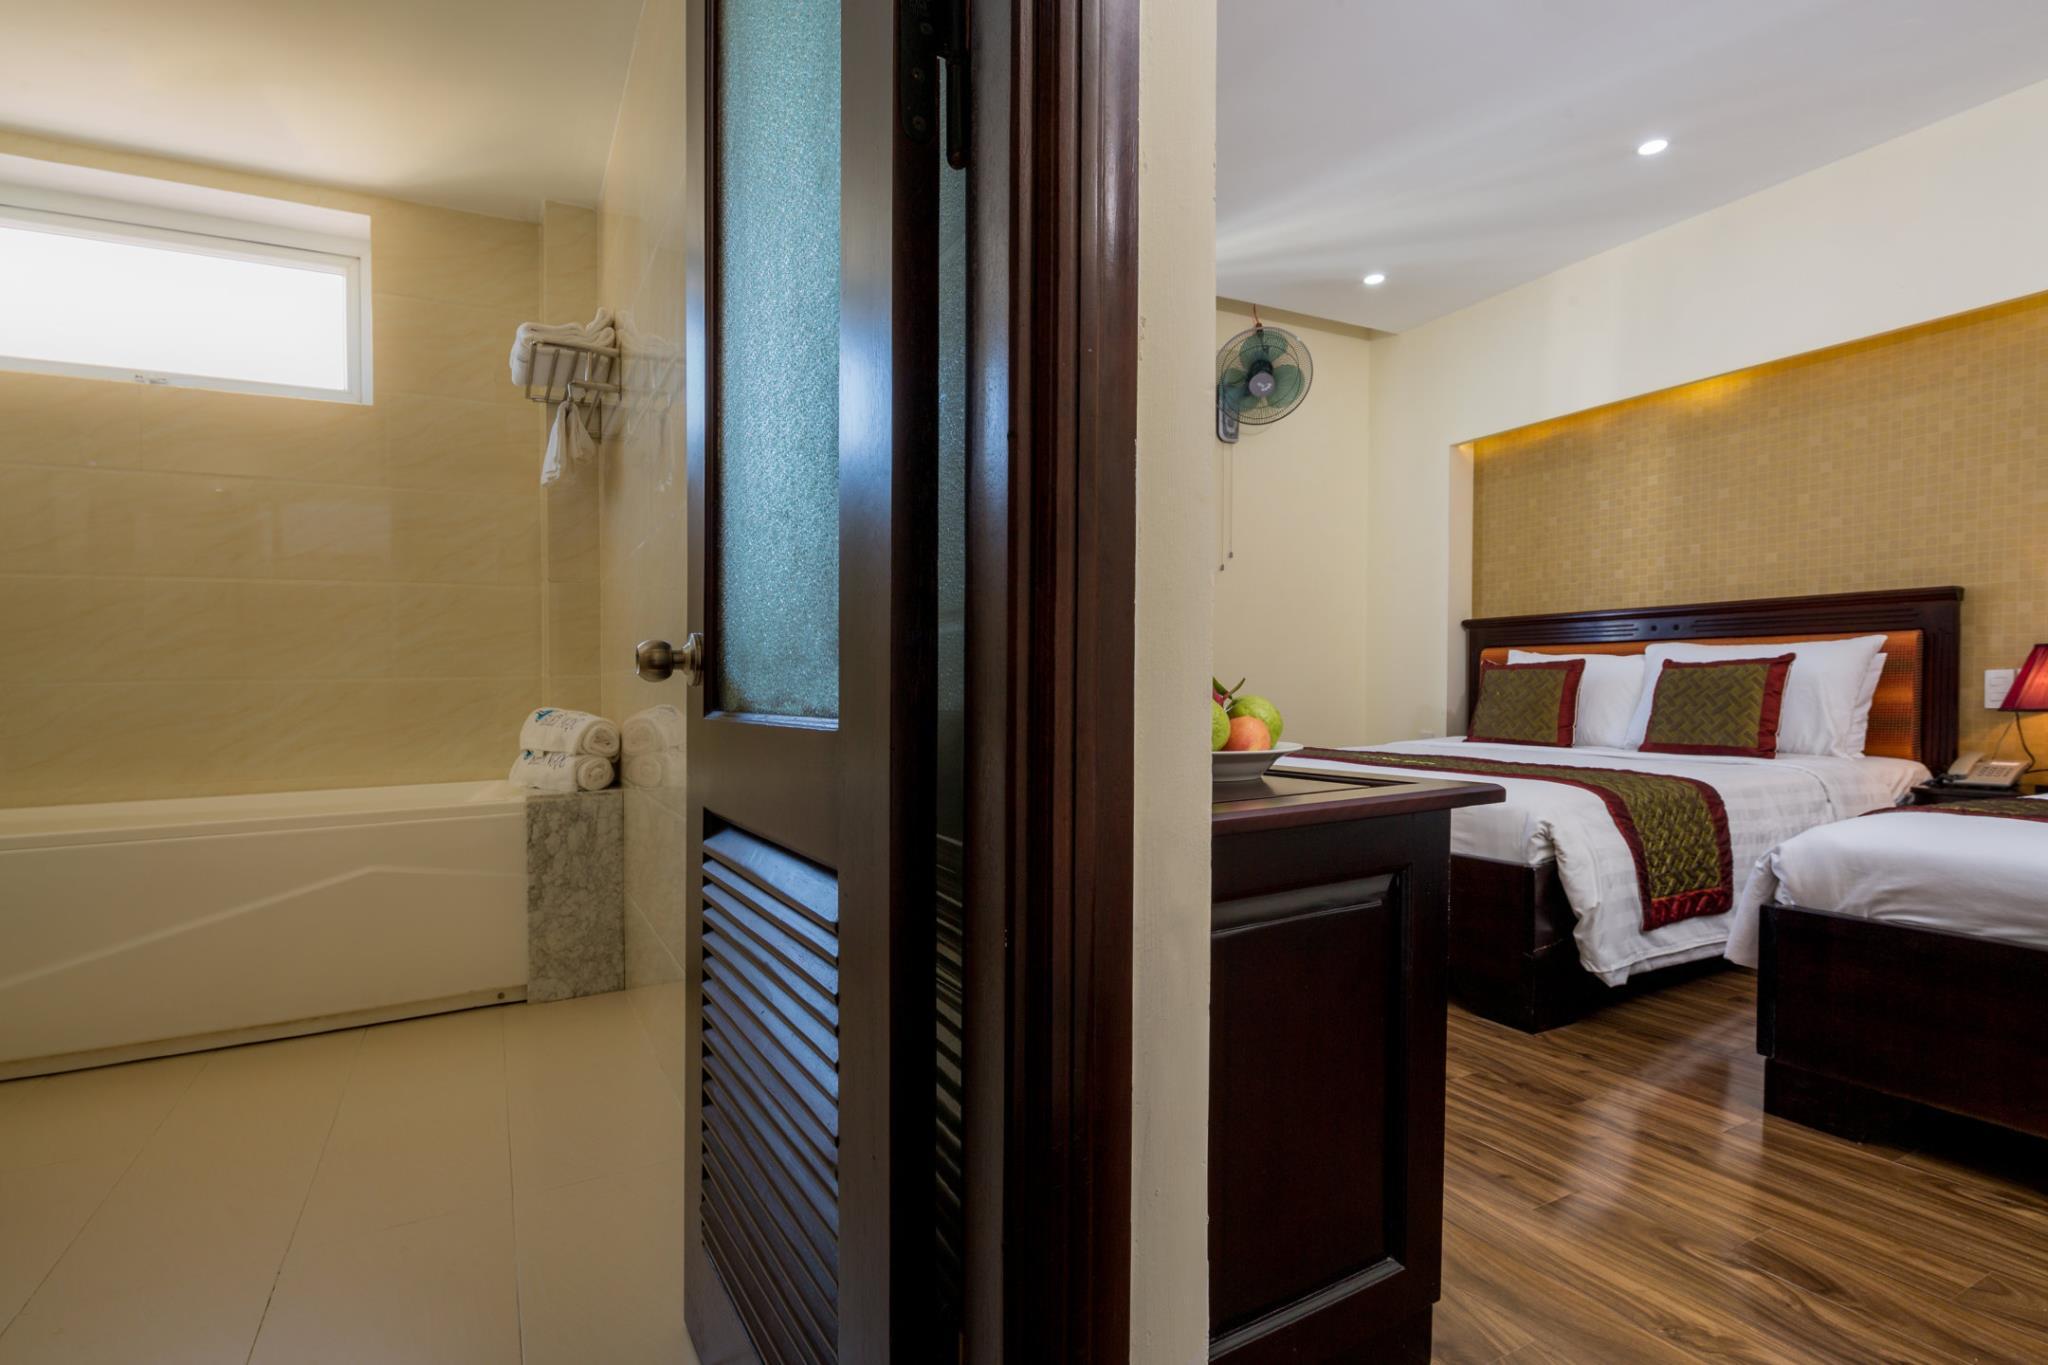 Kết quả hình ảnh cho Pearl Sea Hotel - Khách sạn Biển Ngọc